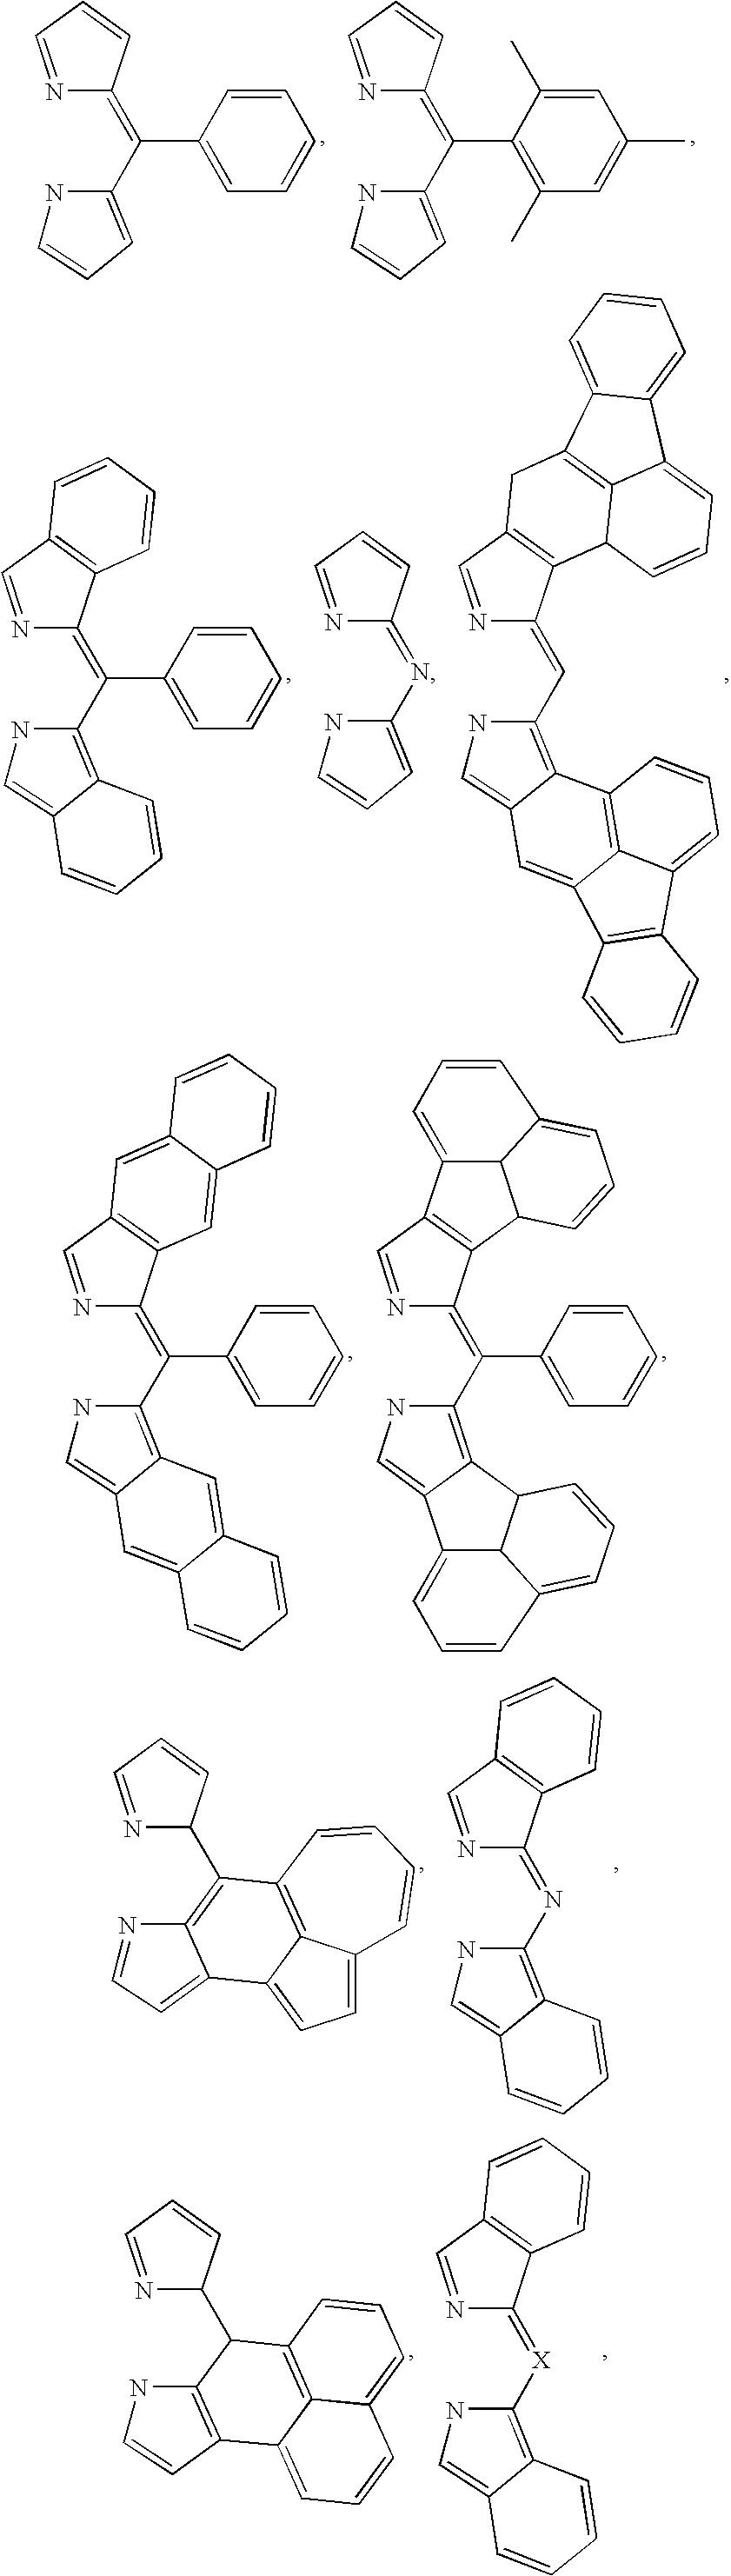 Figure US20080061681A1-20080313-C00007